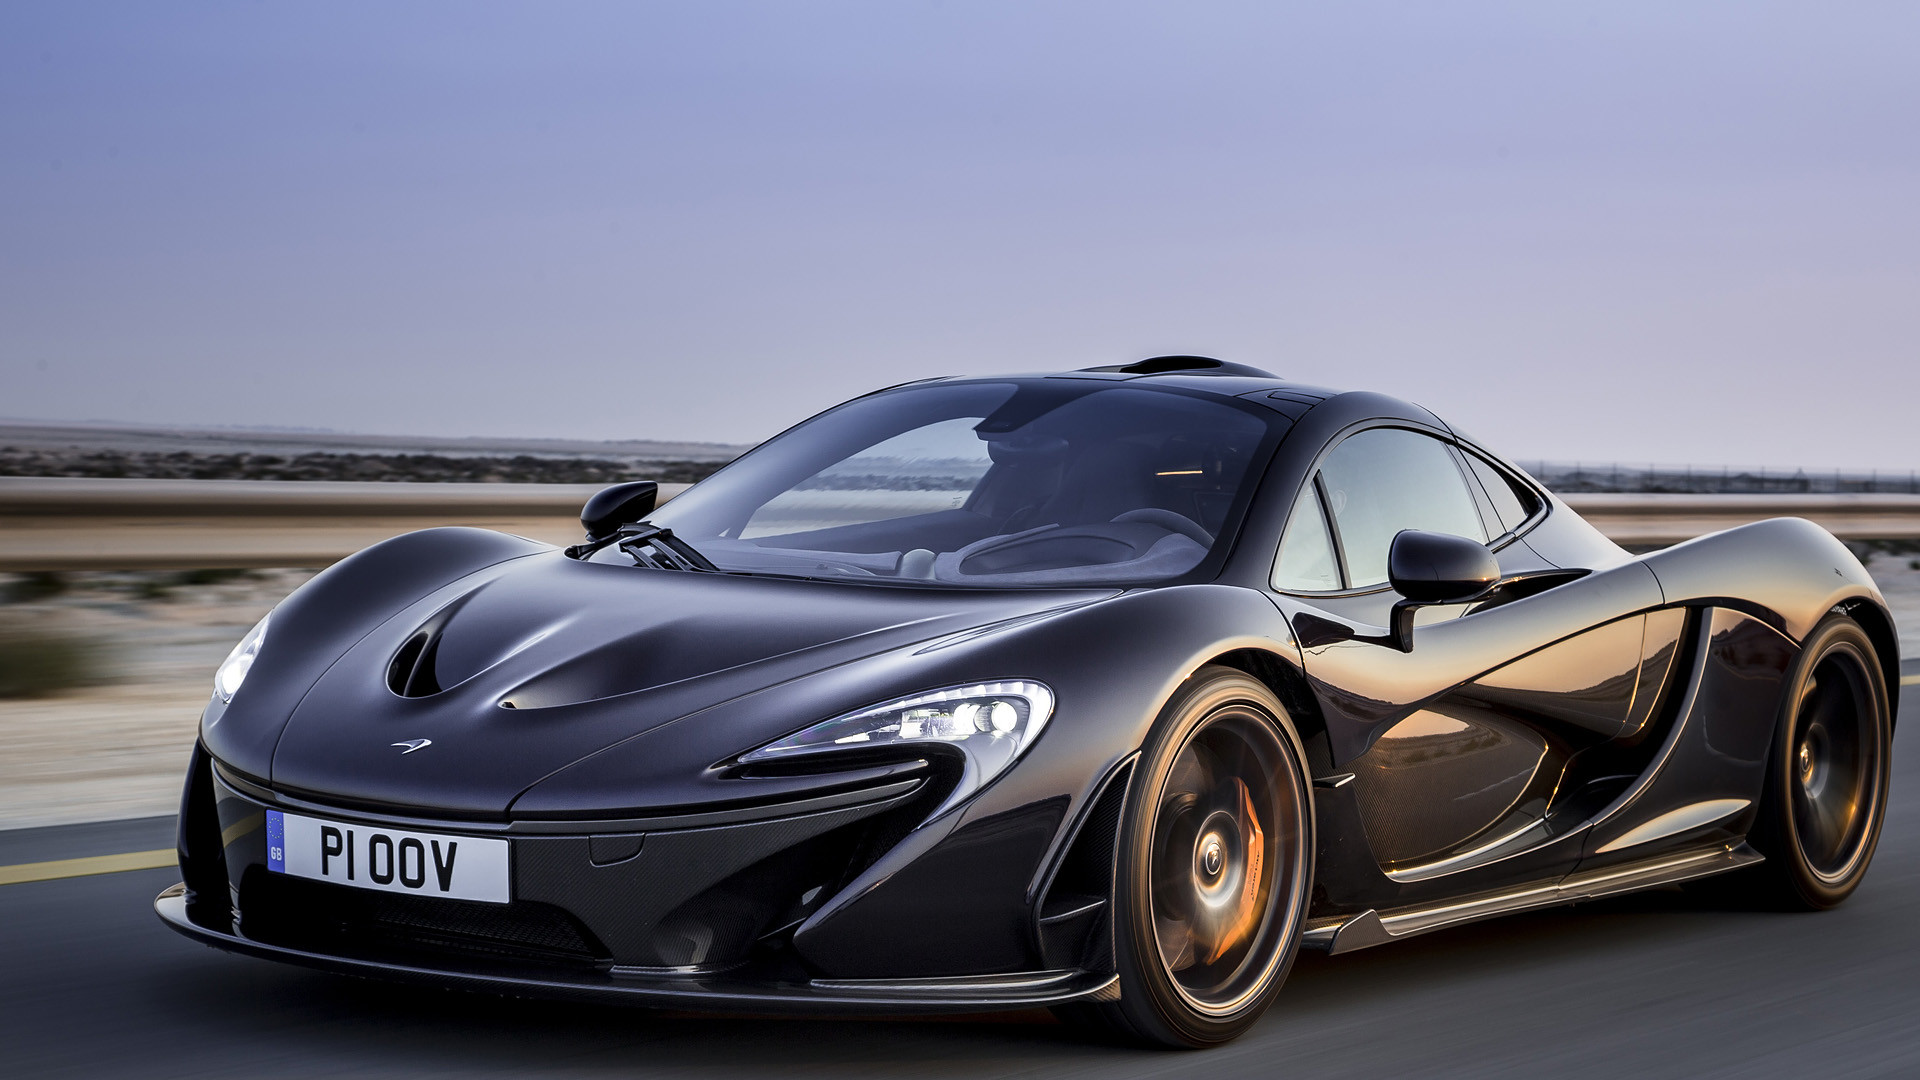 Res: 1920x1080, McLaren P1 Wallpaper Black